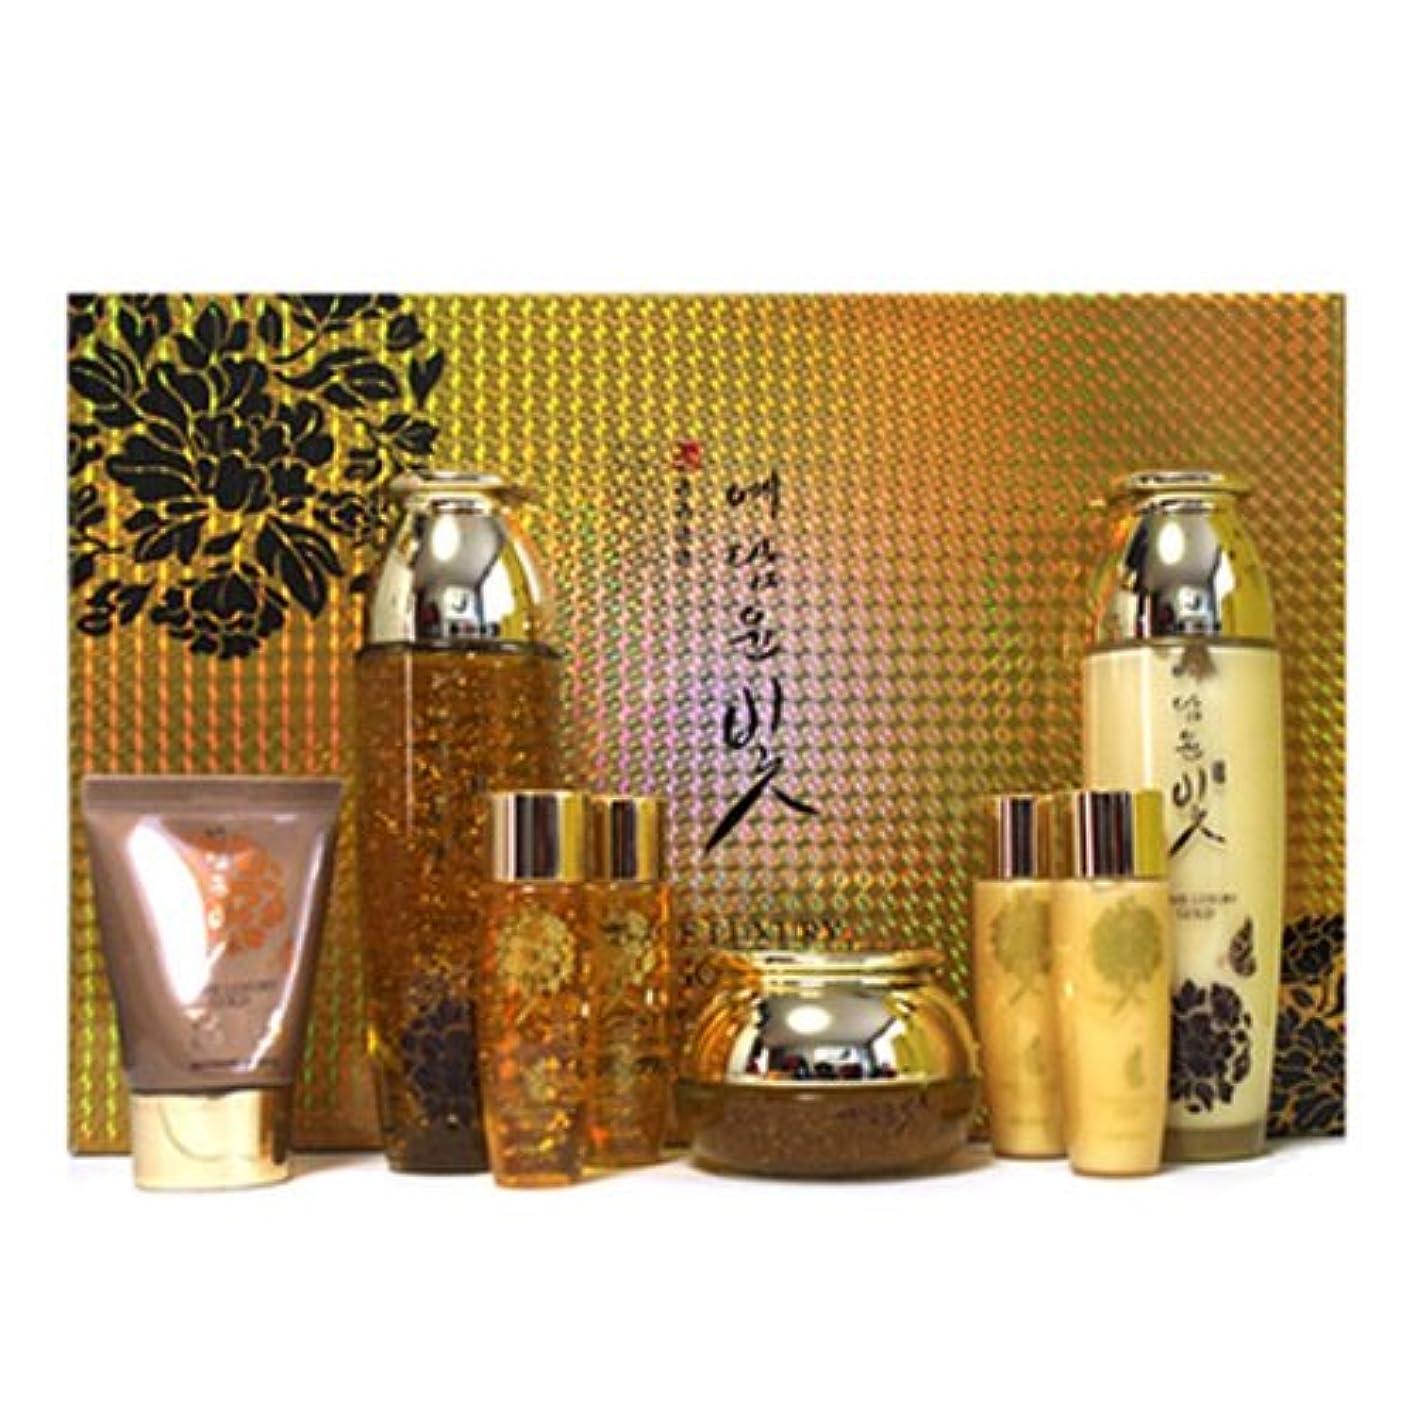 プレビューショート前提イェダムユンビト[韓国コスメYedam Yun Bit]Prime Luxury Gold Skin Care Set プライムラグジュアリーゴールドスキンケア4セット 樹液 乳液 クリーム/ BBクリーム [並行輸入品]